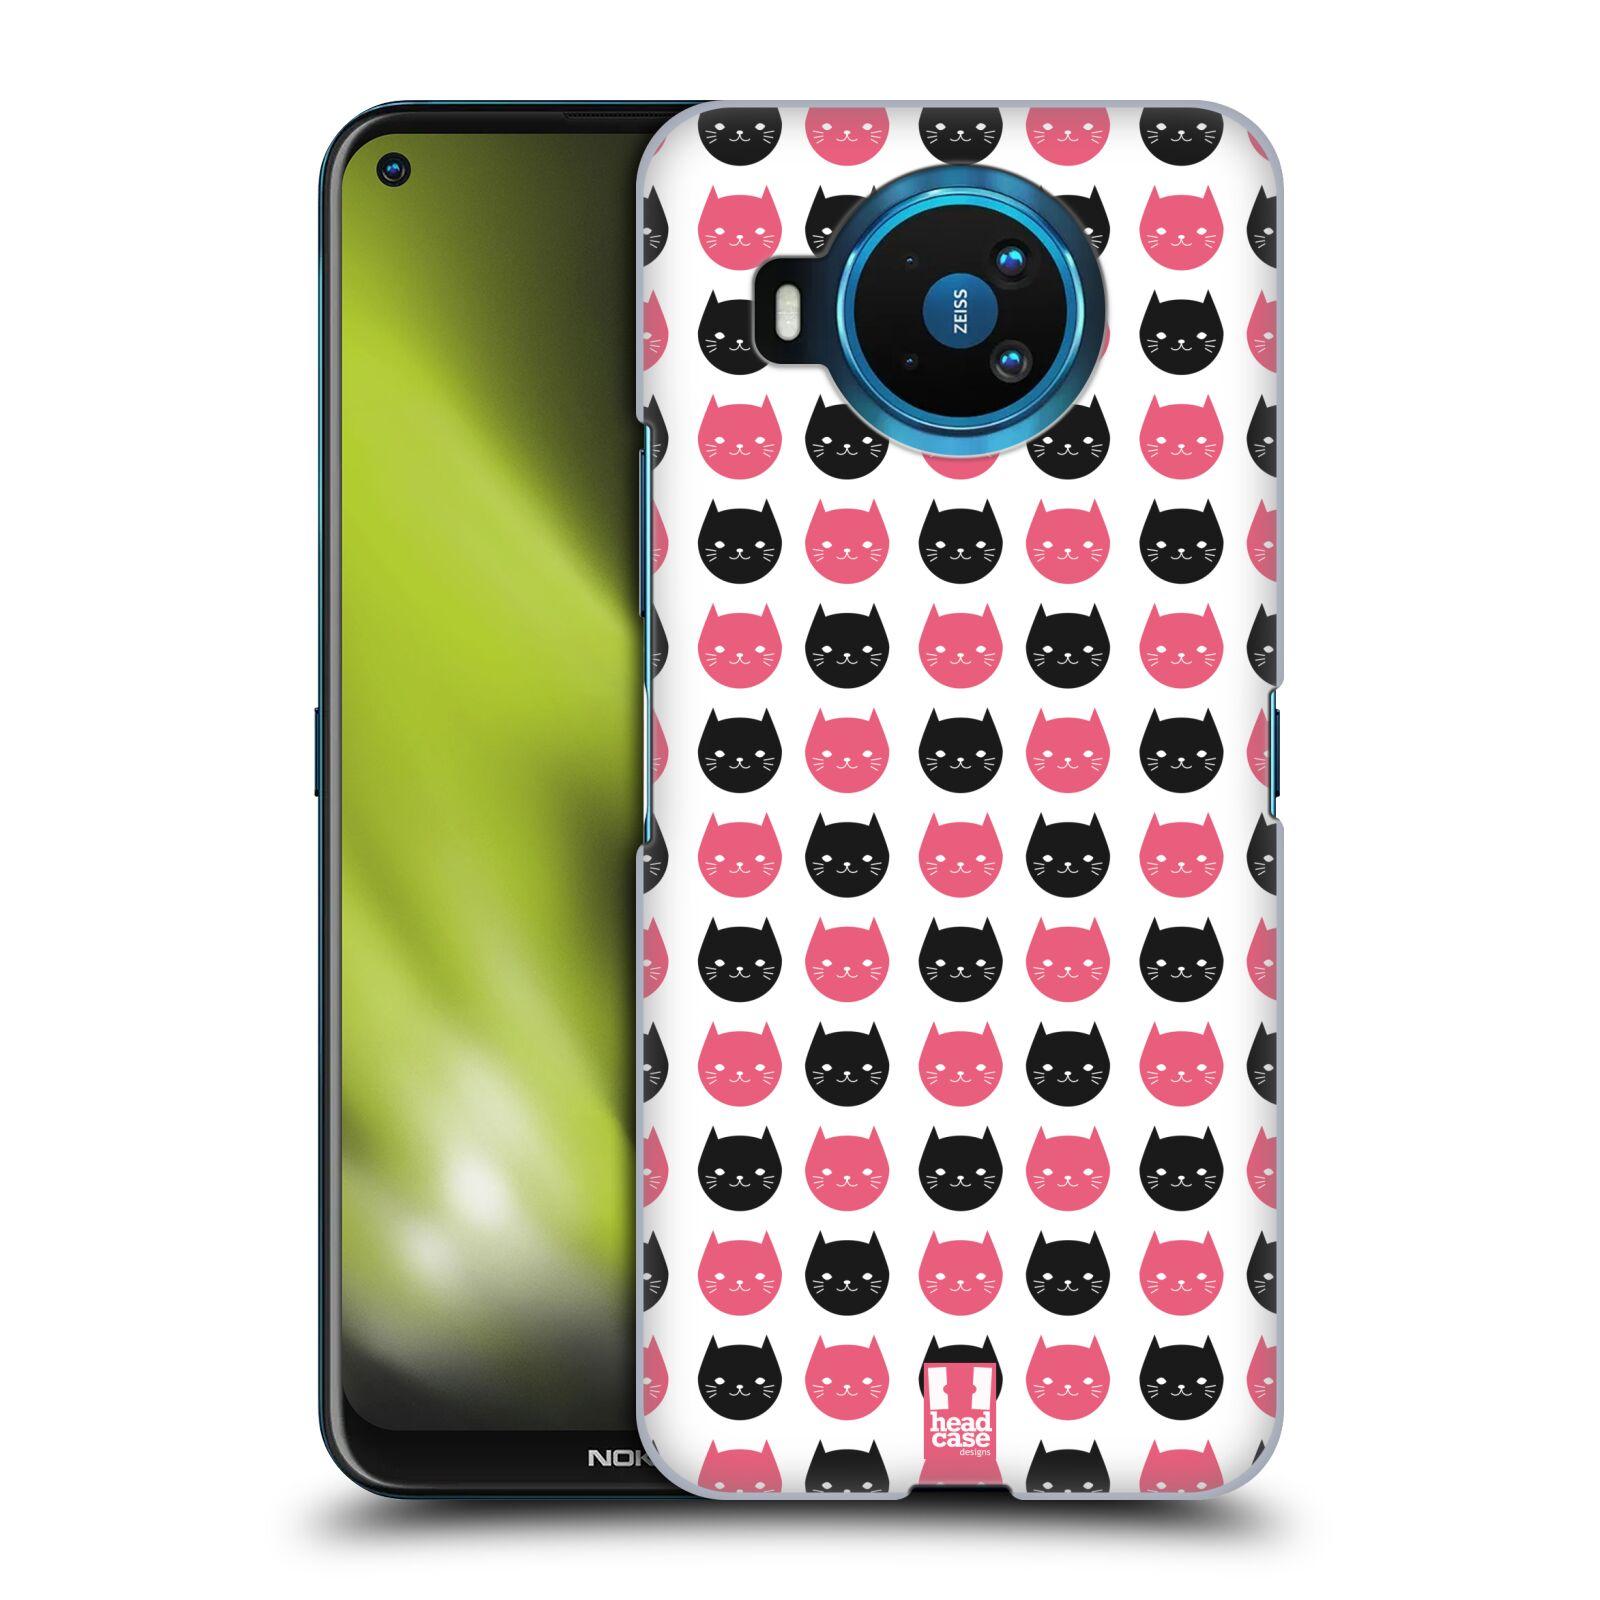 Plastové pouzdro na mobil Nokia 8.3 5G - Head Case - KOČKY Black and Pink